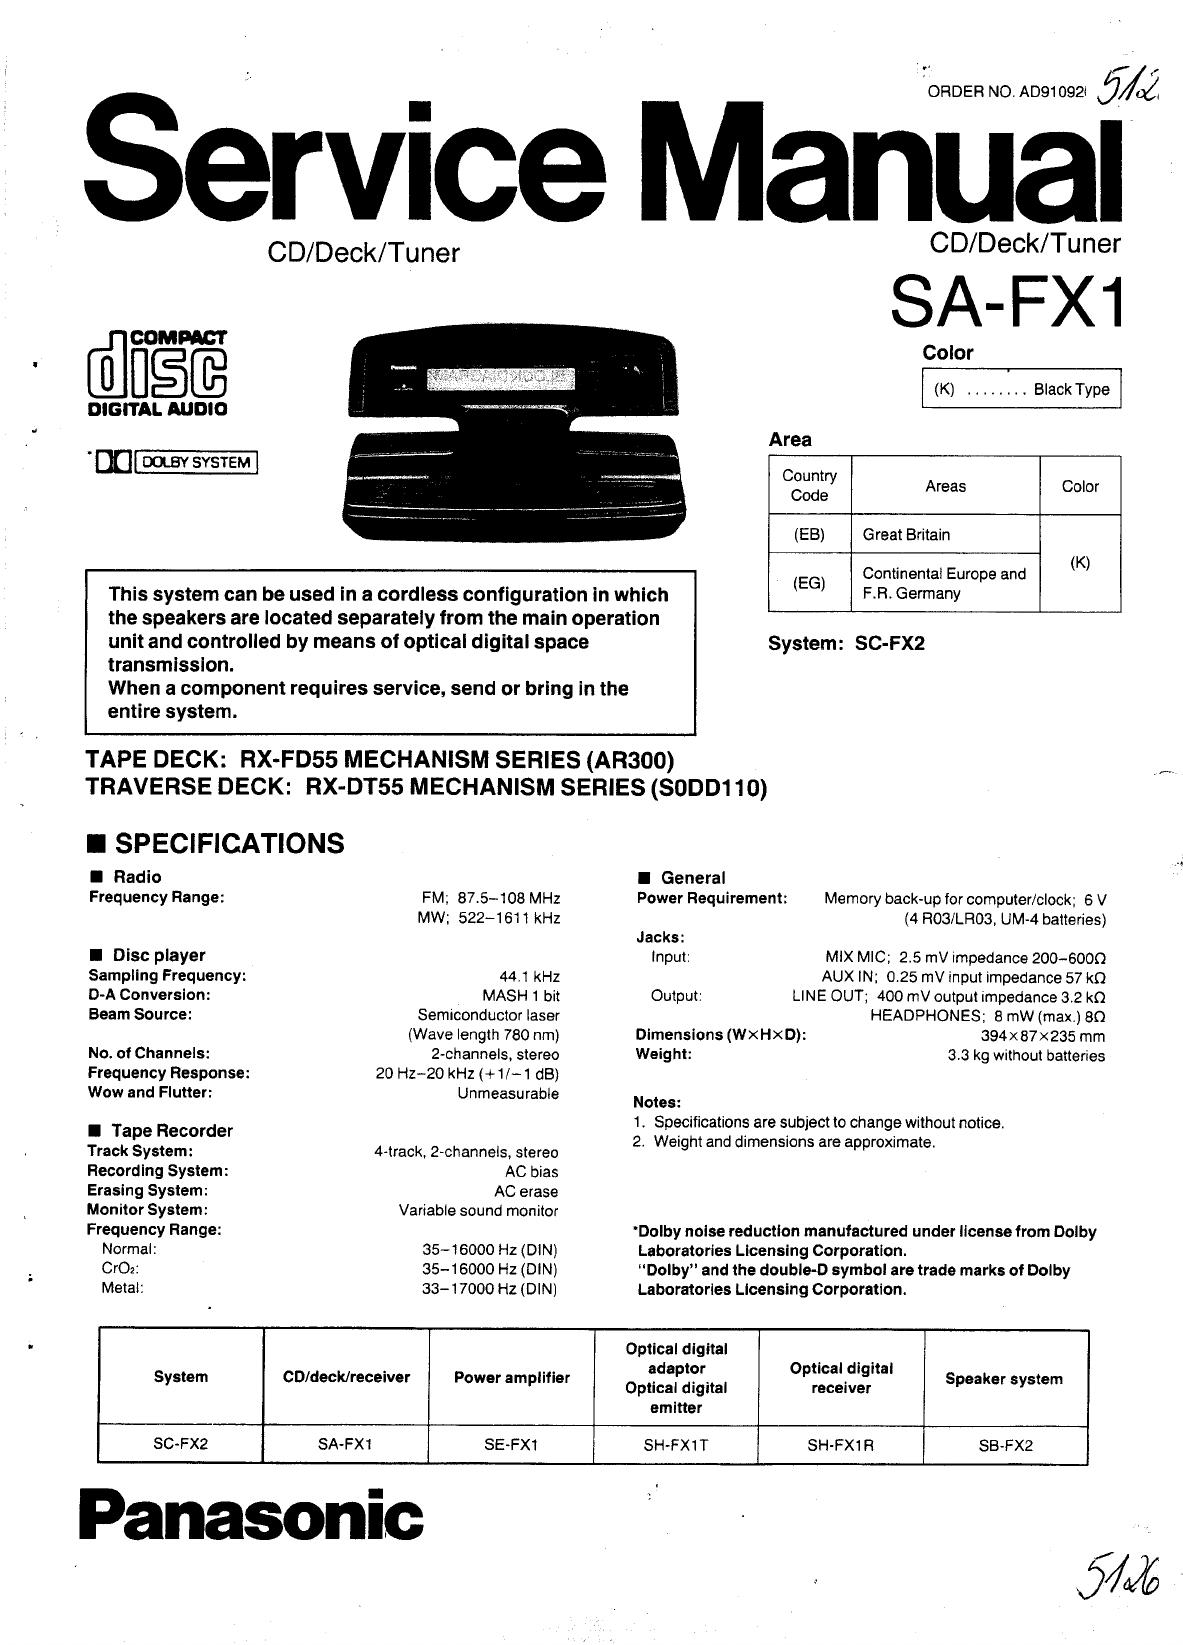 SAFX1